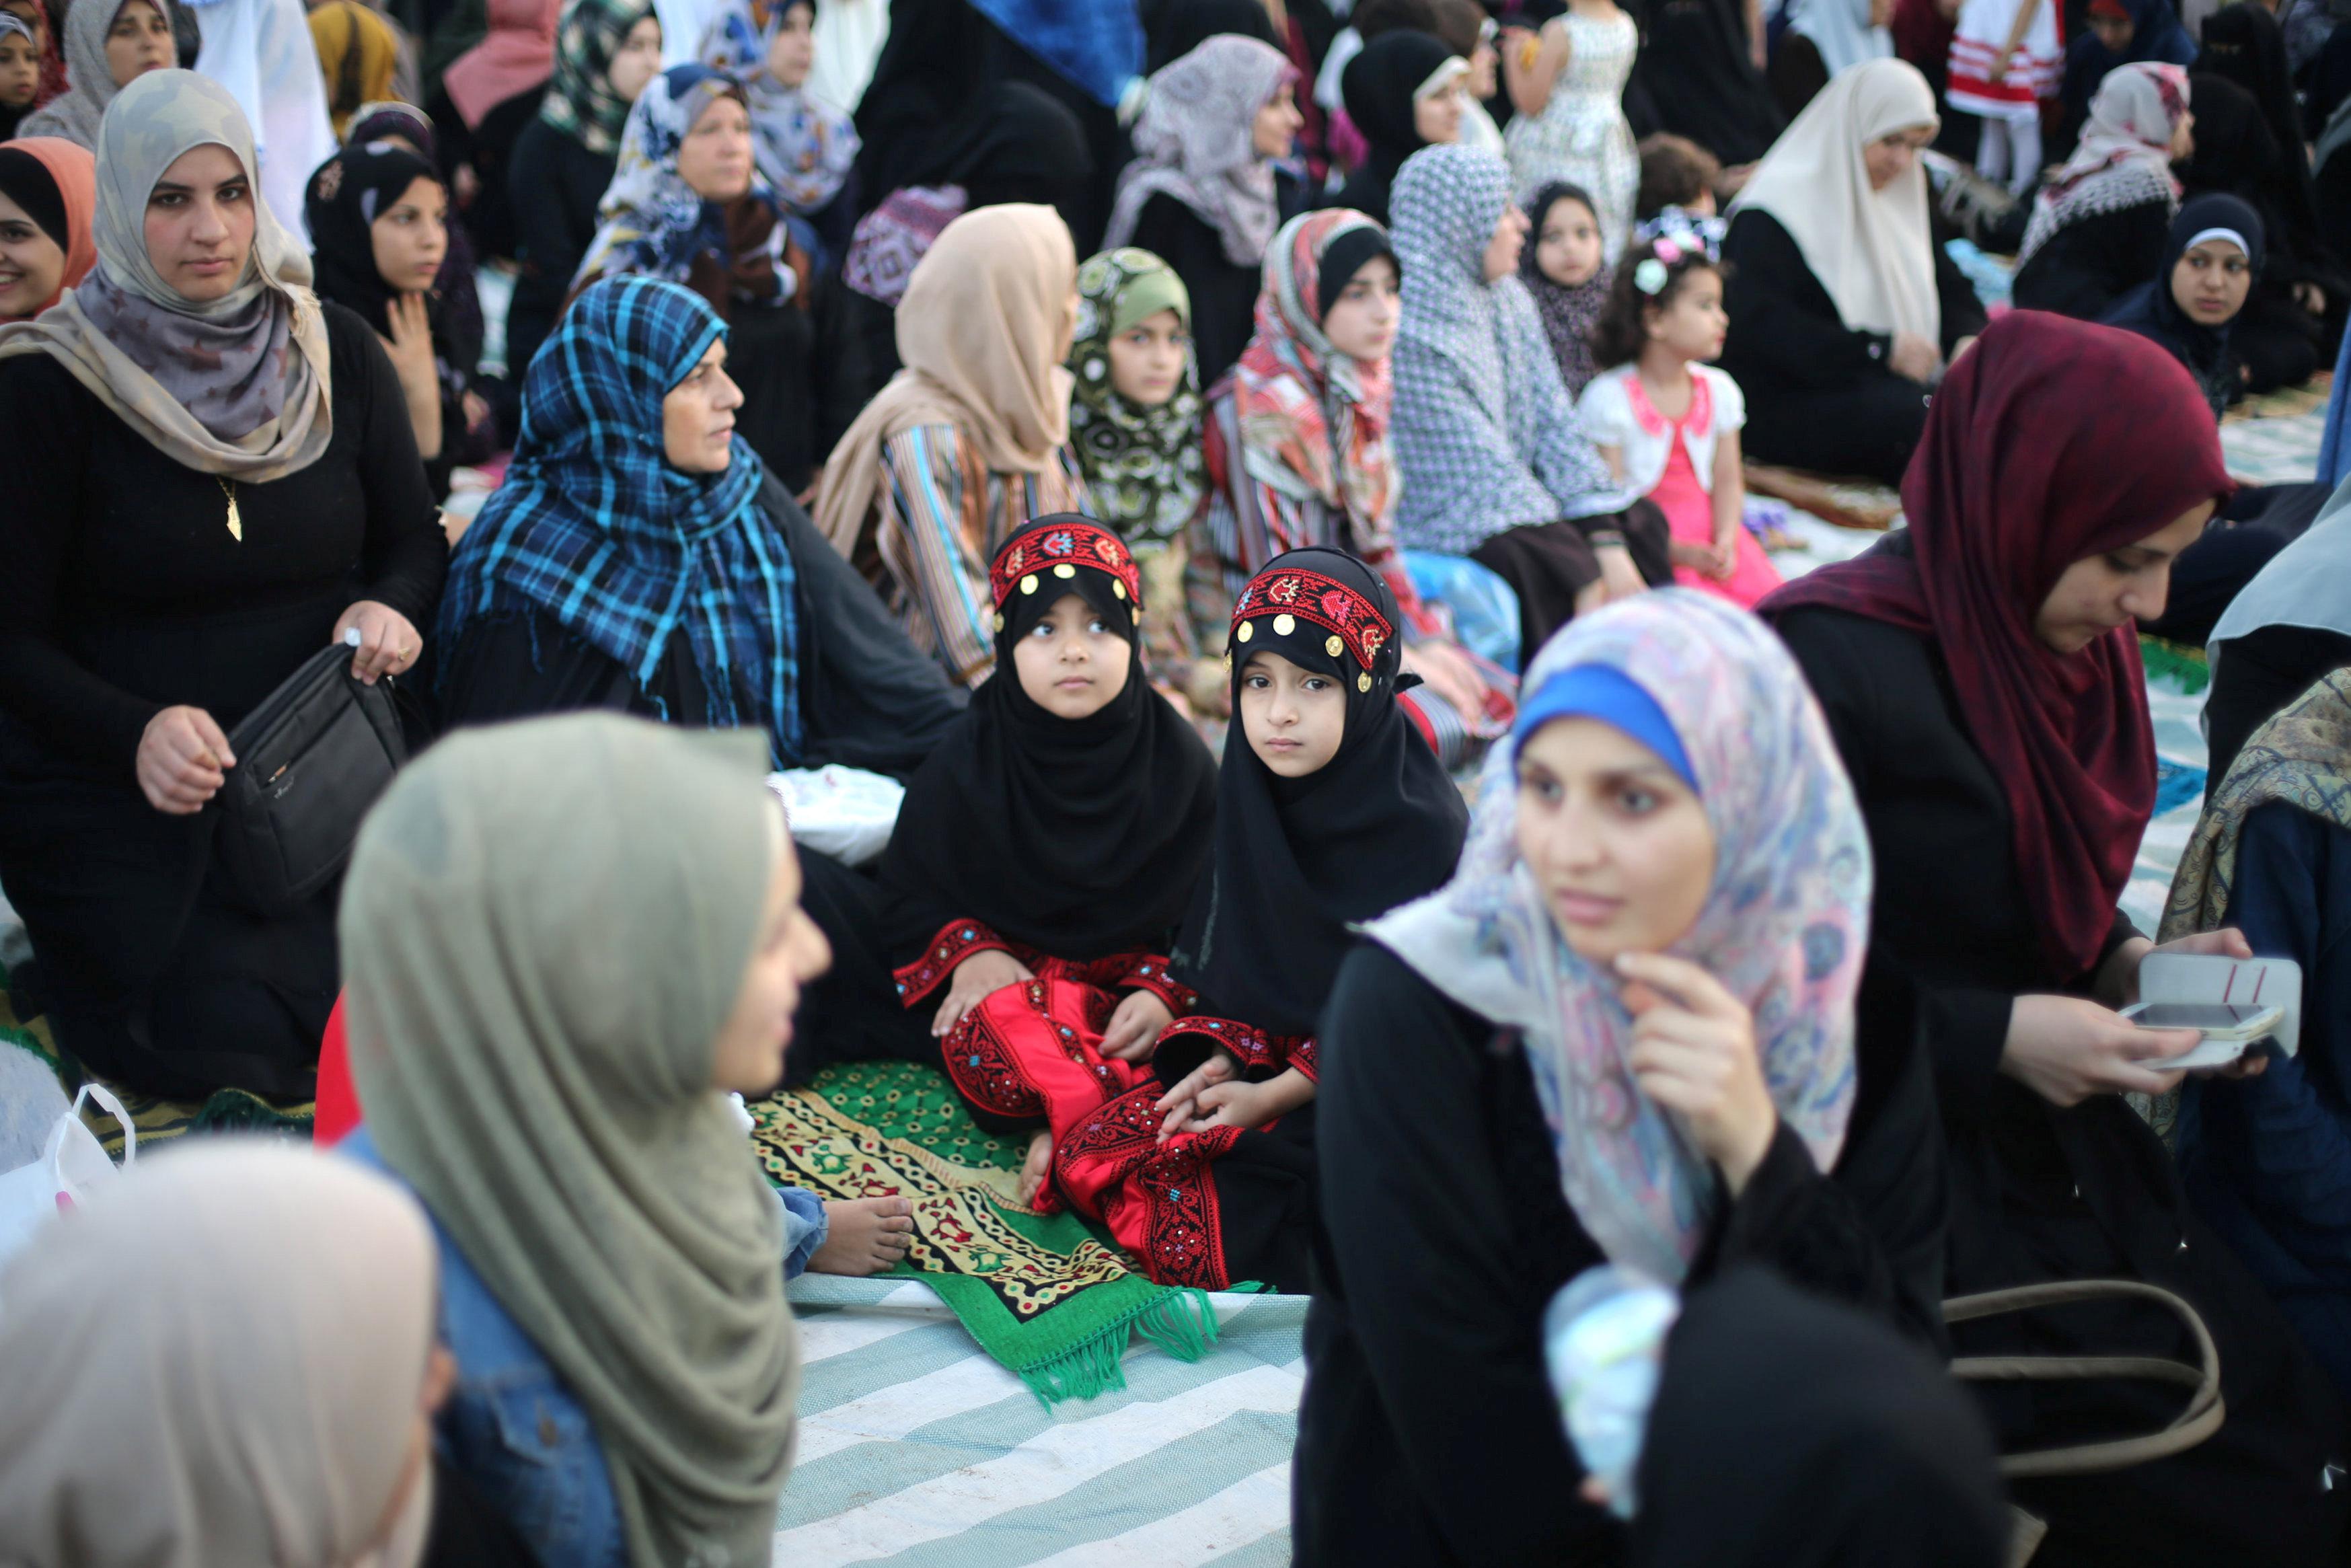 مشاركة الفتيات فى صلاة عيد الفطر